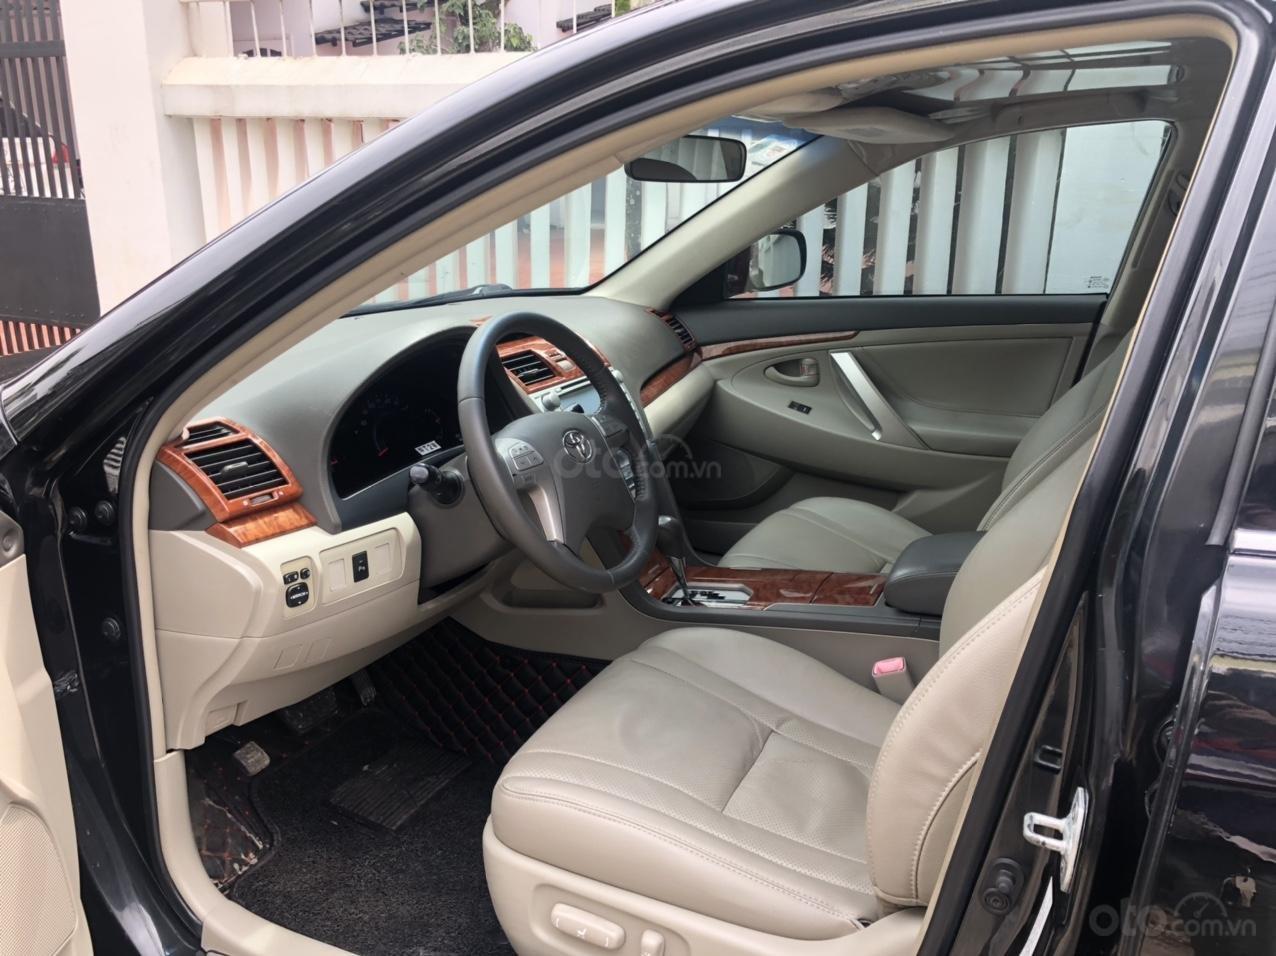 Cần bán ô tô Toyota Camry đời 2010, màu đen, giá chỉ 565 triệu LH: 0918611968 (4)